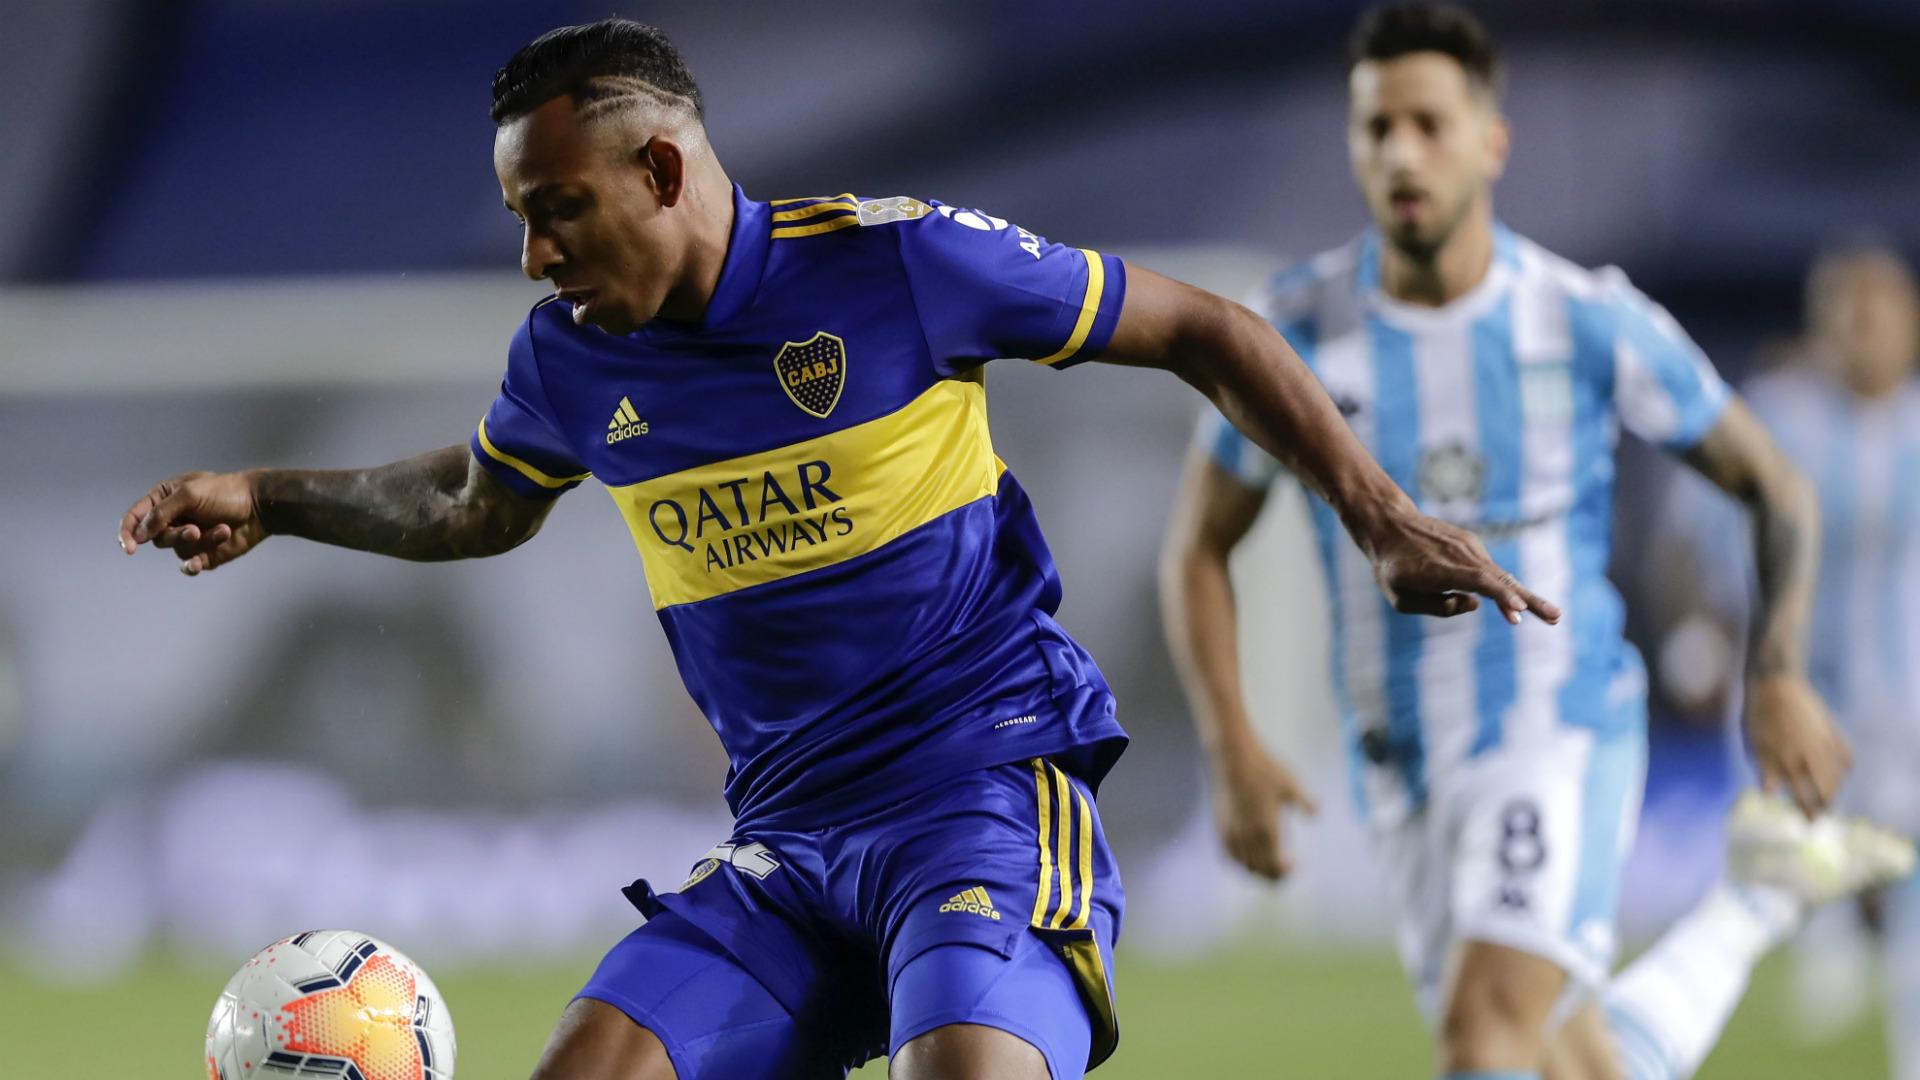 La AFA aceptó el pedido del gobierno: no habrá fútbol por 9 días